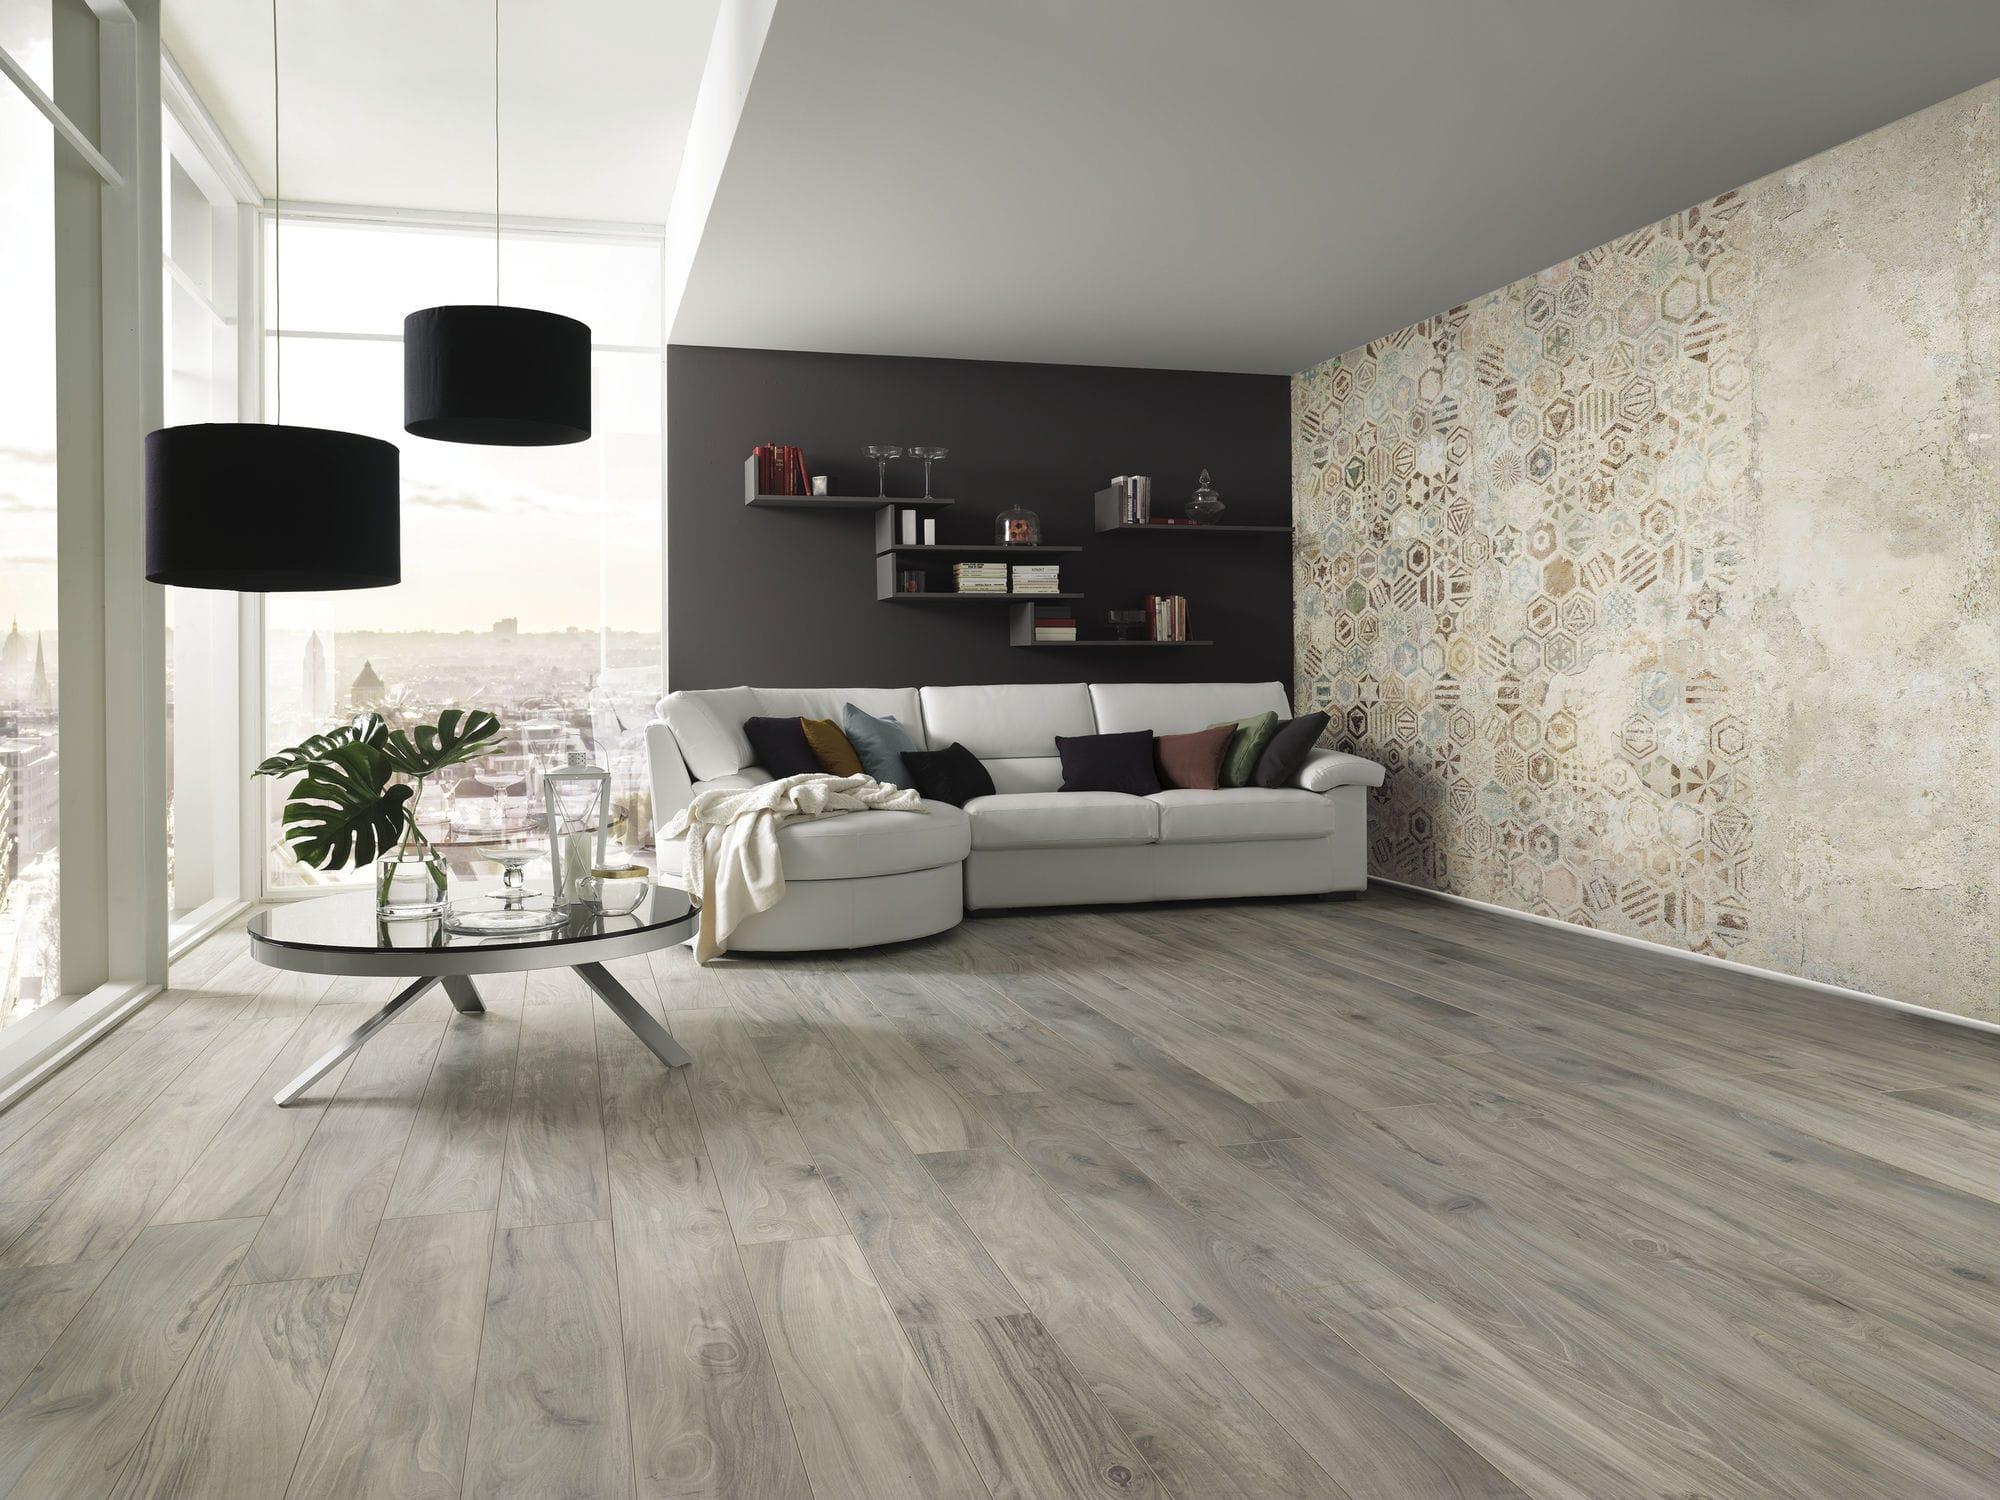 Indoor tile floor porcelain stoneware polished amazon indoor tile floor porcelain stoneware polished amazon nawa dailygadgetfo Choice Image